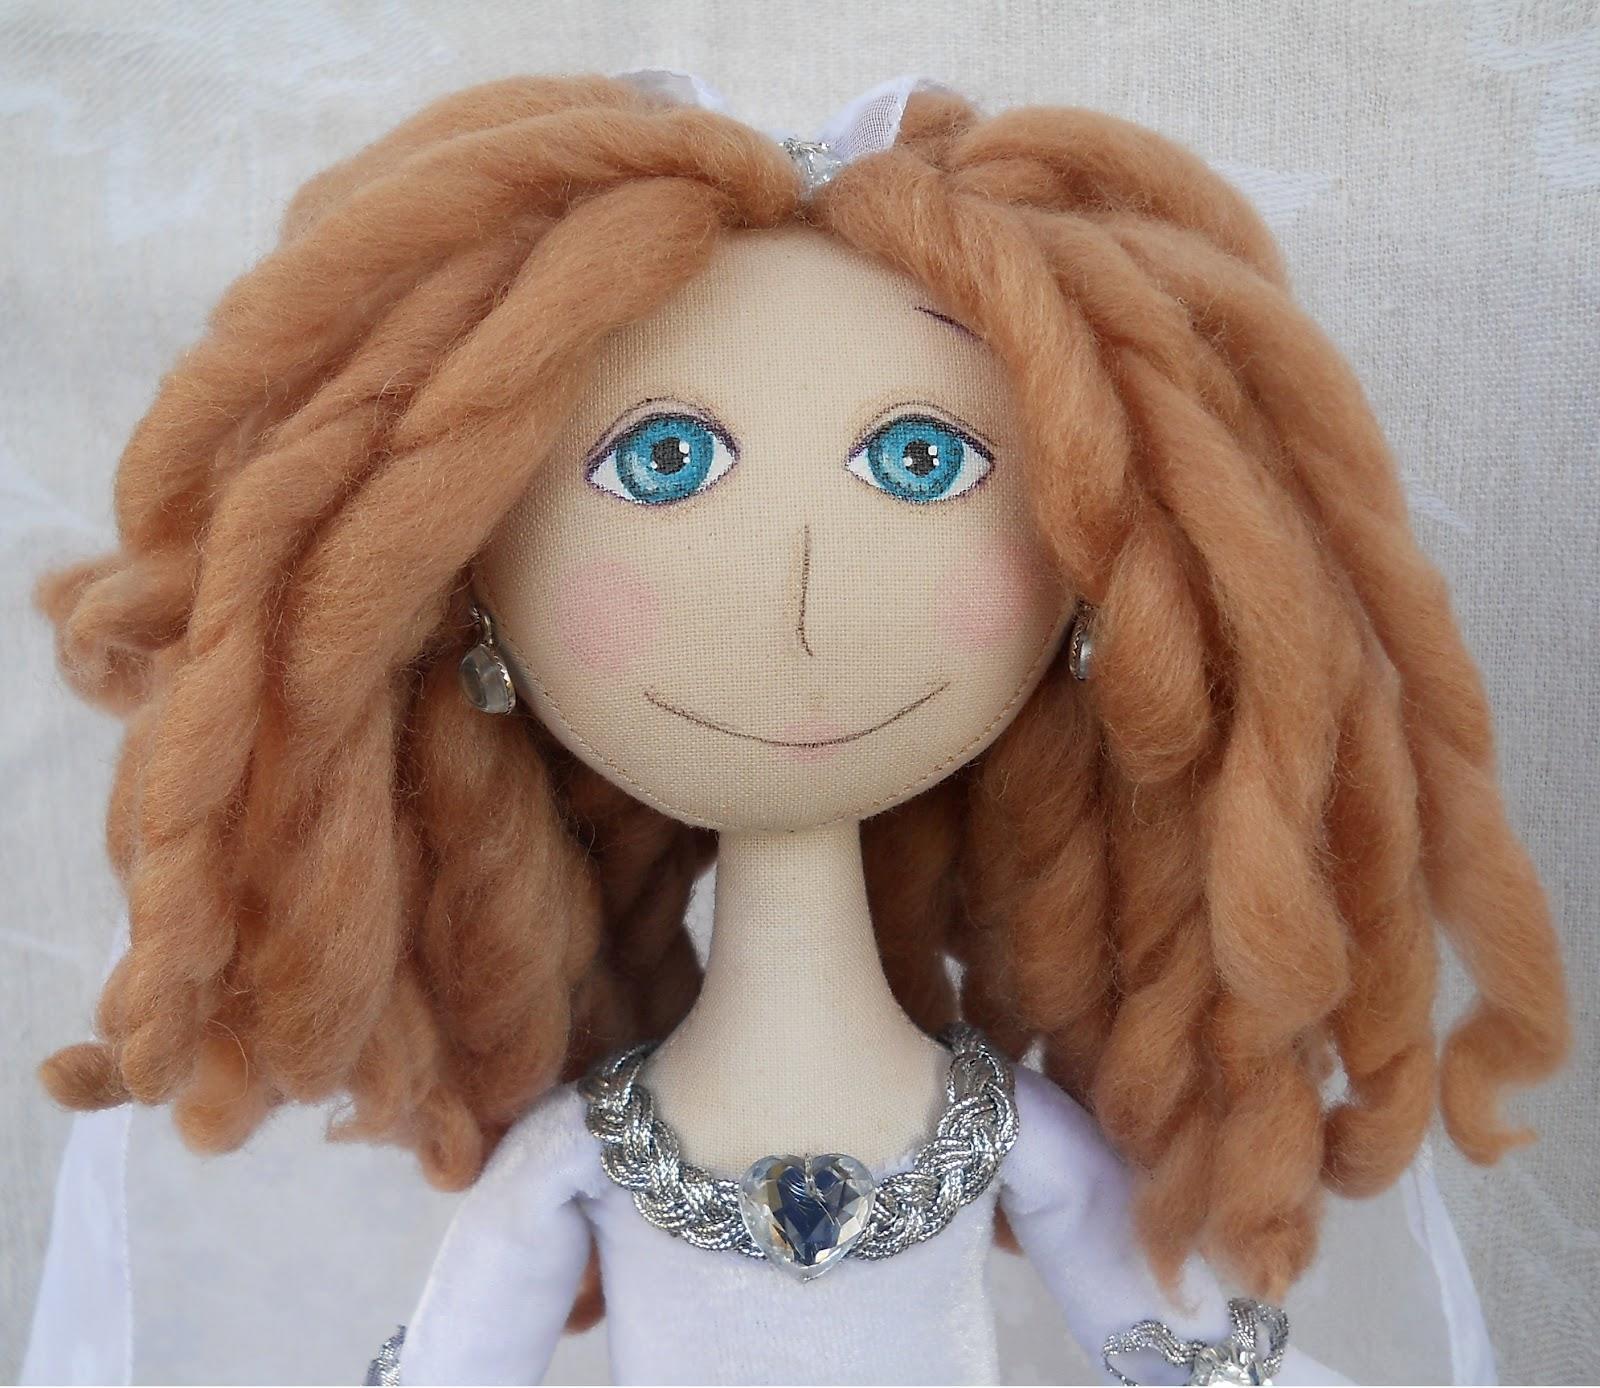 Сделать прическу кукле своими руками не сложно, главное, чтобы выполненные действия полностью соответствовали предпочтениям и оправдали потраченные силы и время